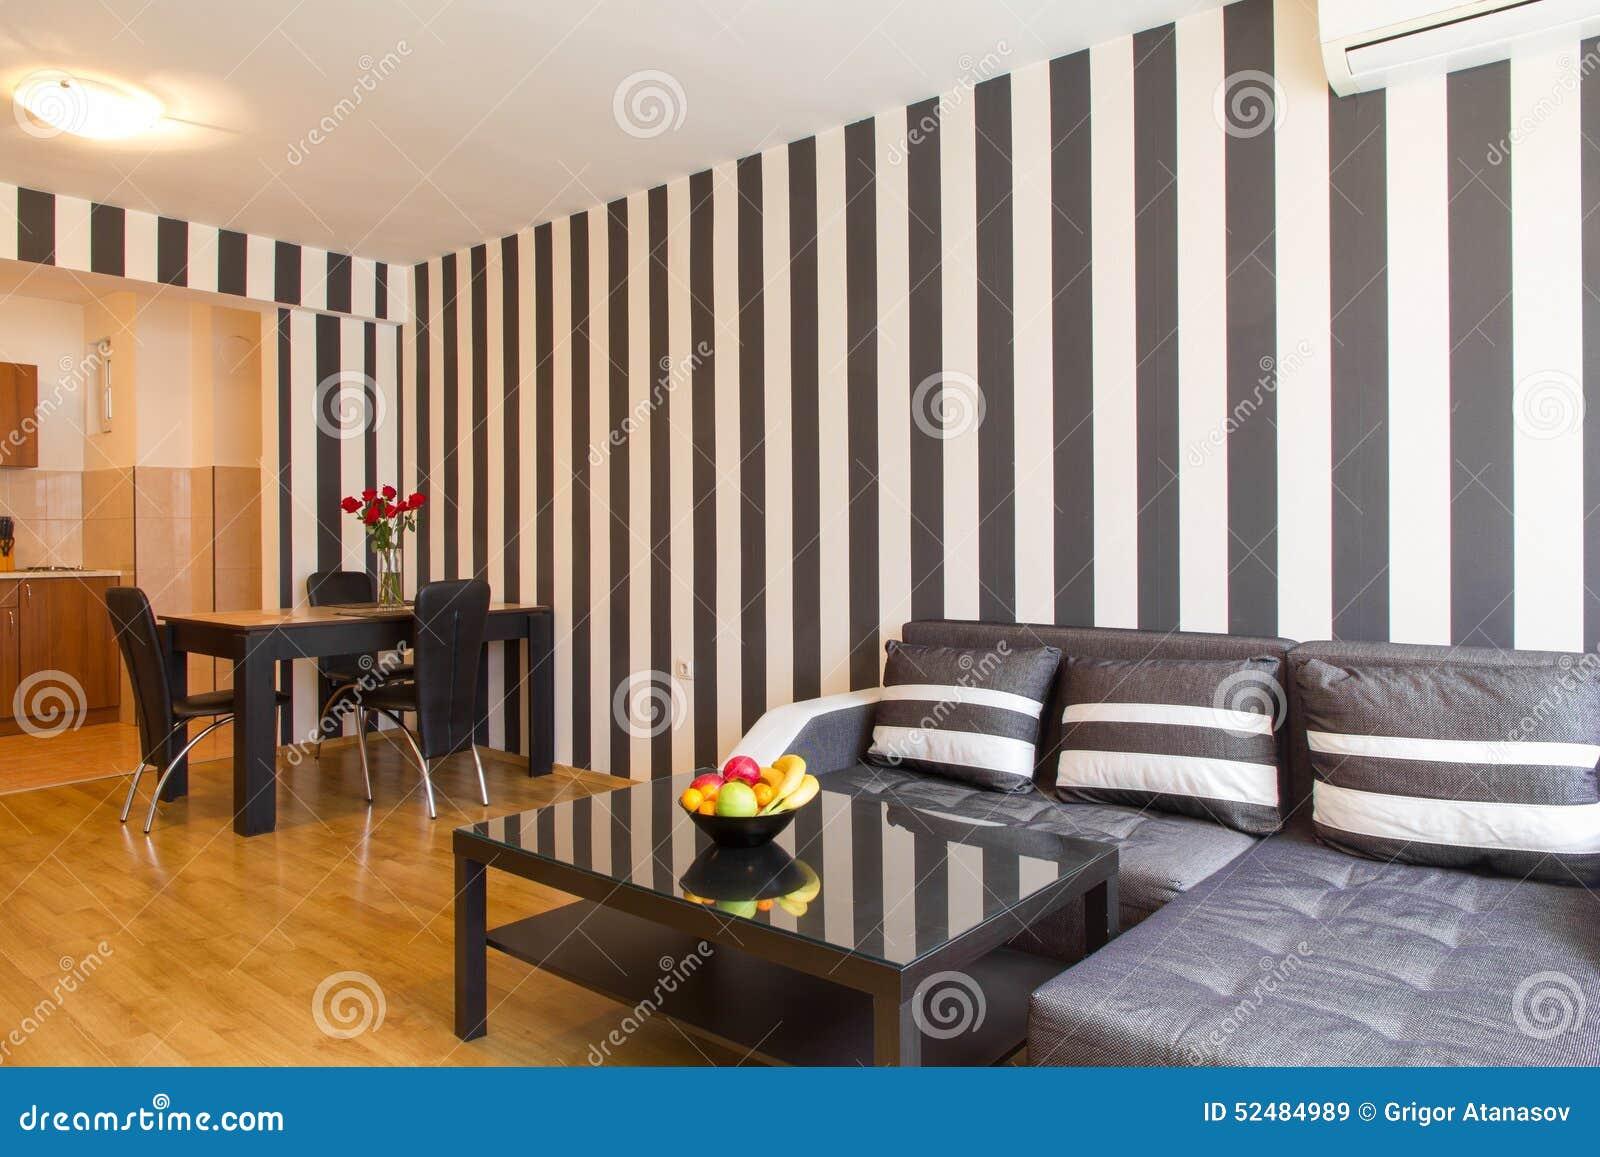 Vardagsrum med svartvita randiga väggar